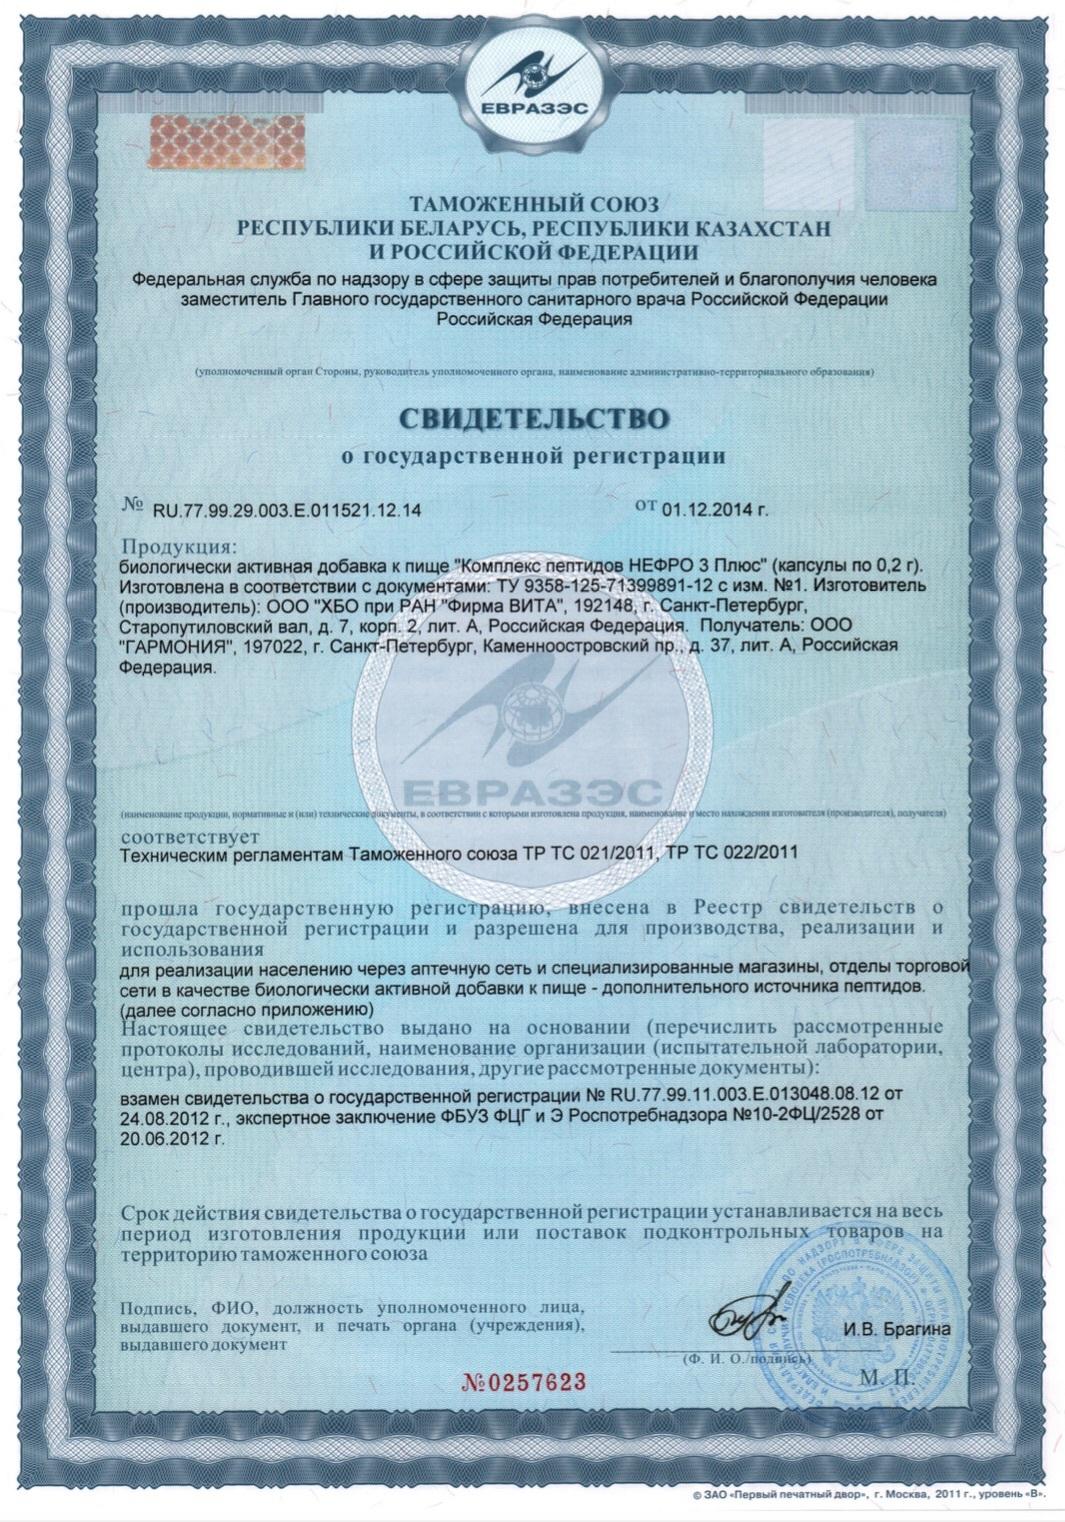 Нефро 3 плюс №60 для мочевыделительной системы сертификат